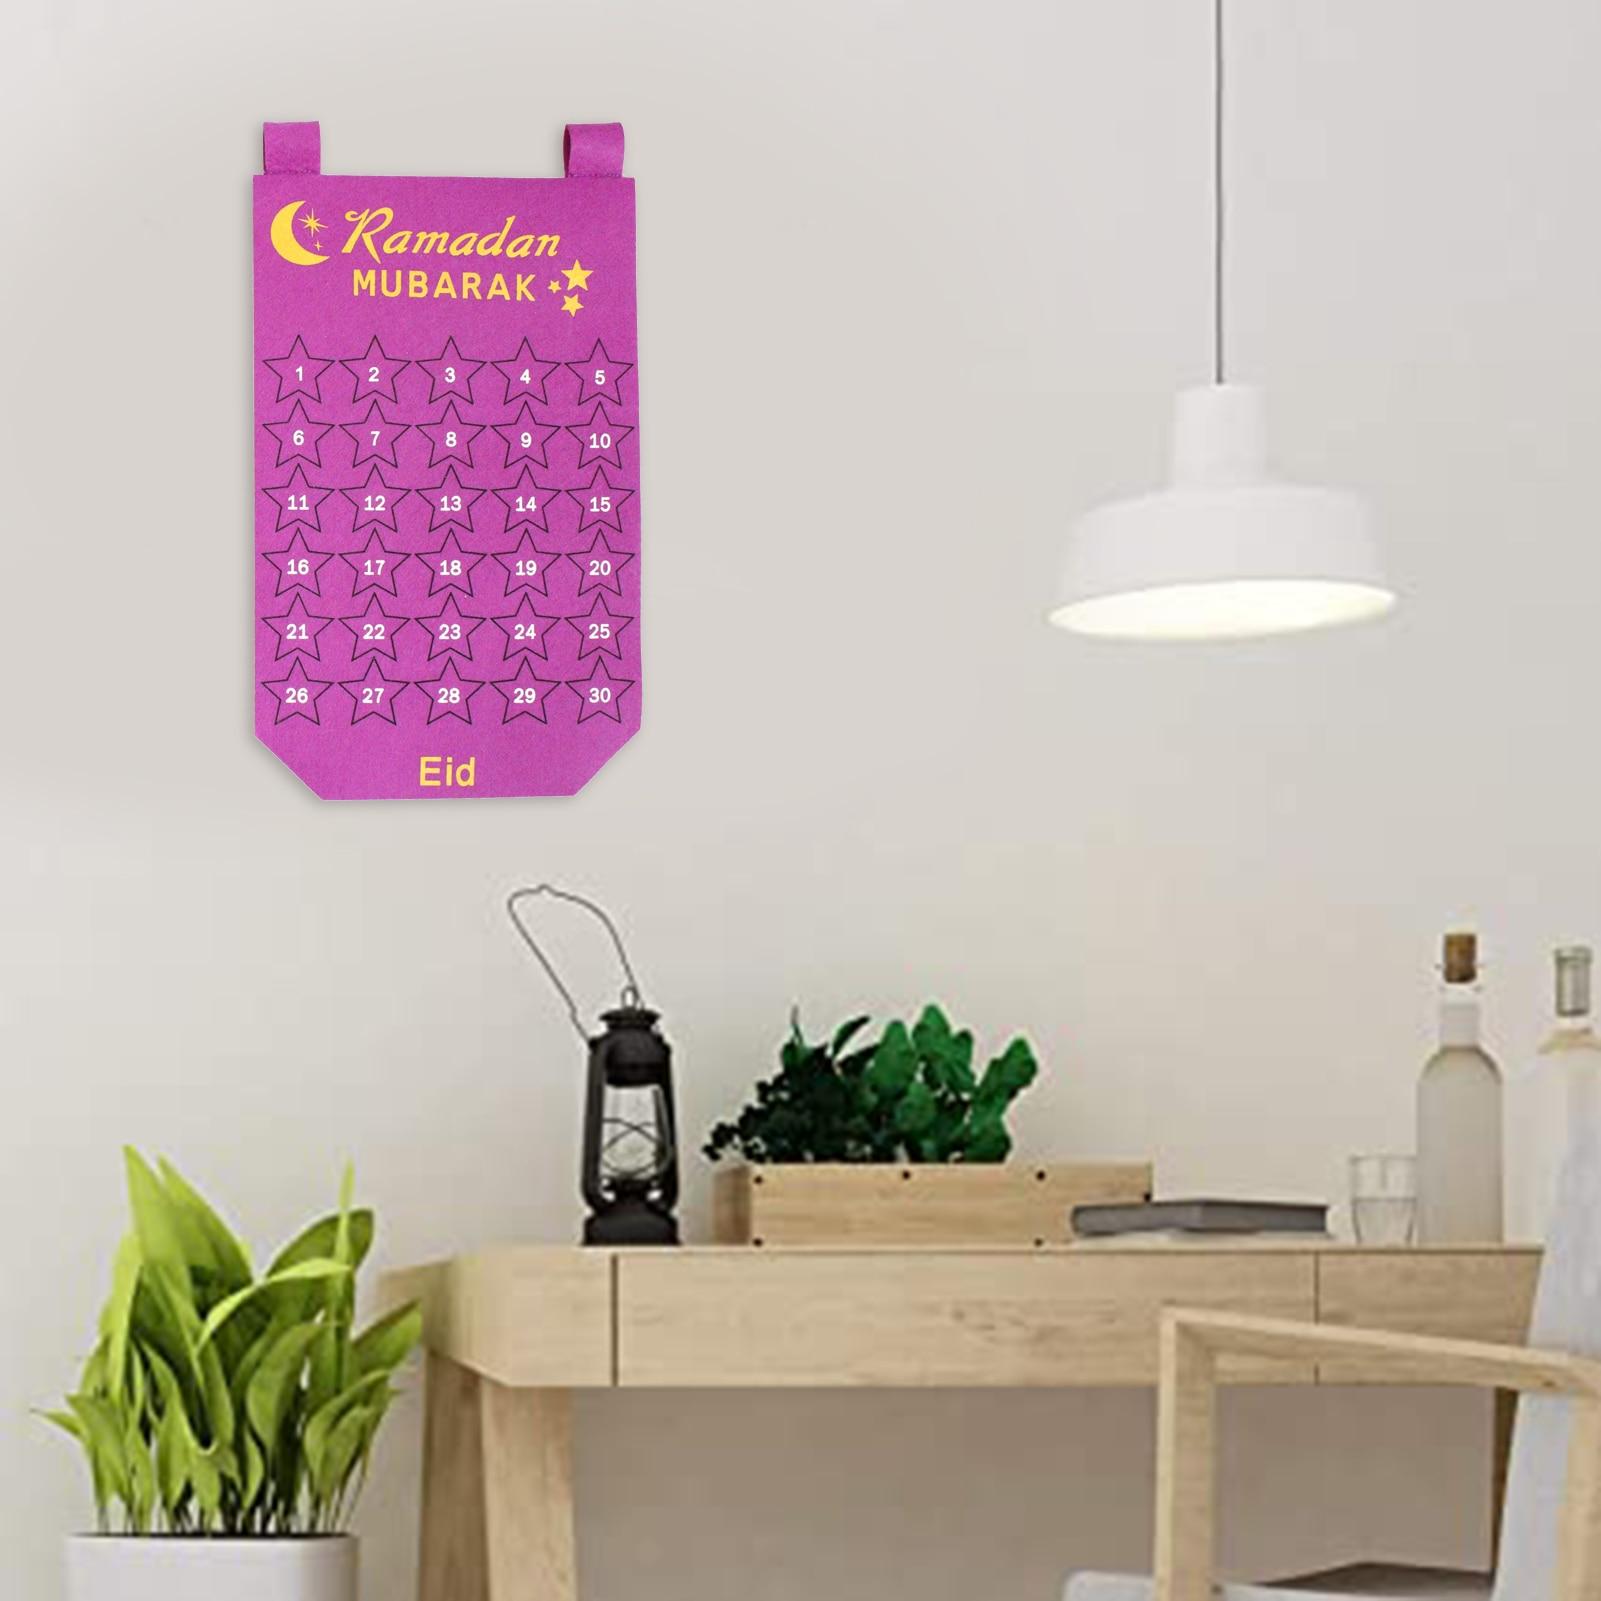 Горячая Распродажа ИД Мубарак календарь из ткани со светодиодной подсветкой из 30 блоки из серии